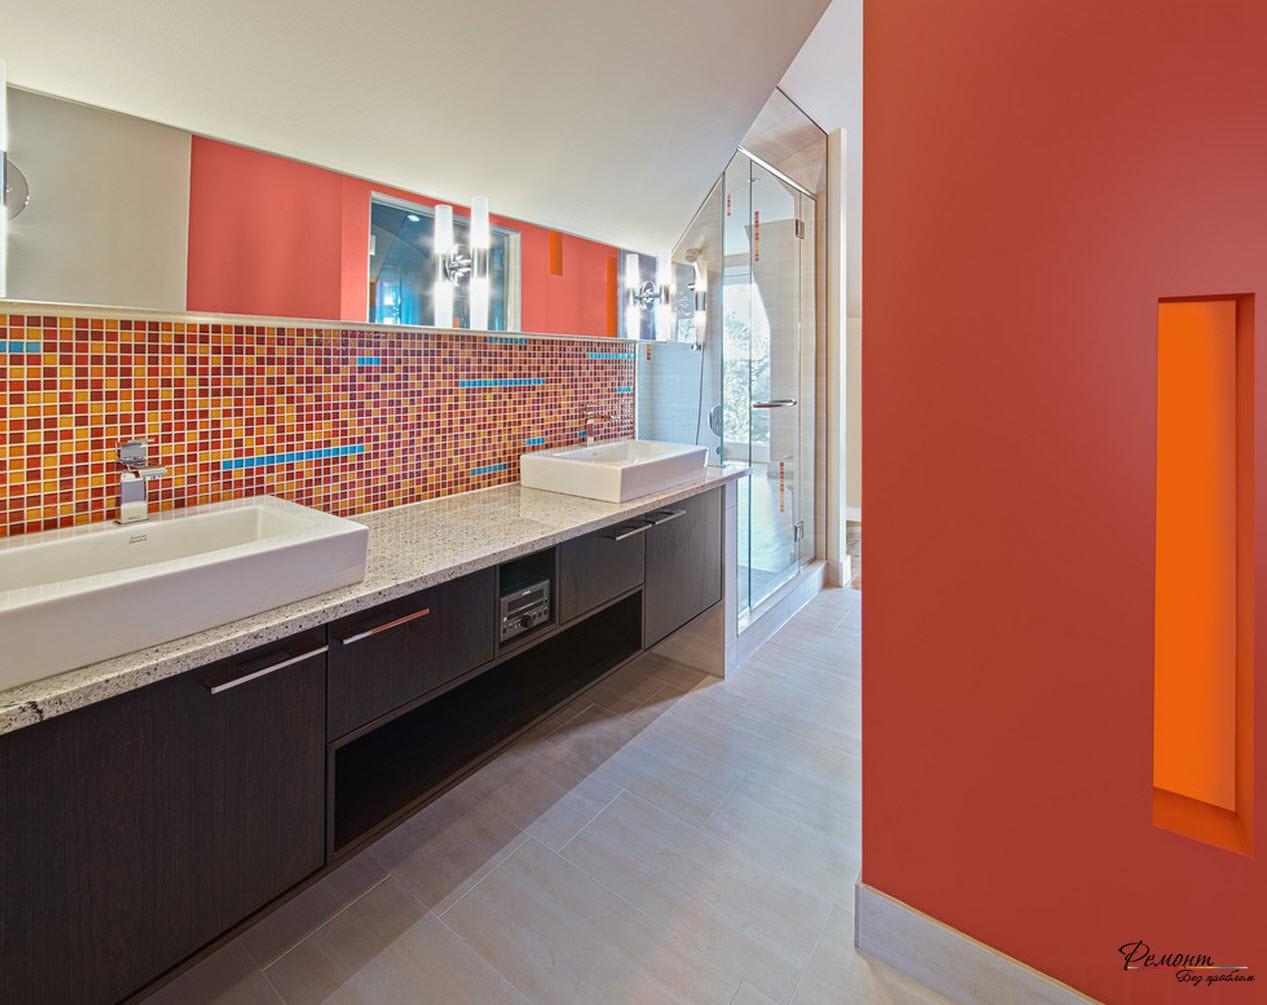 В комбинацию красного и белого введен дополнительный оранжевый цвет в качестве фрагмента